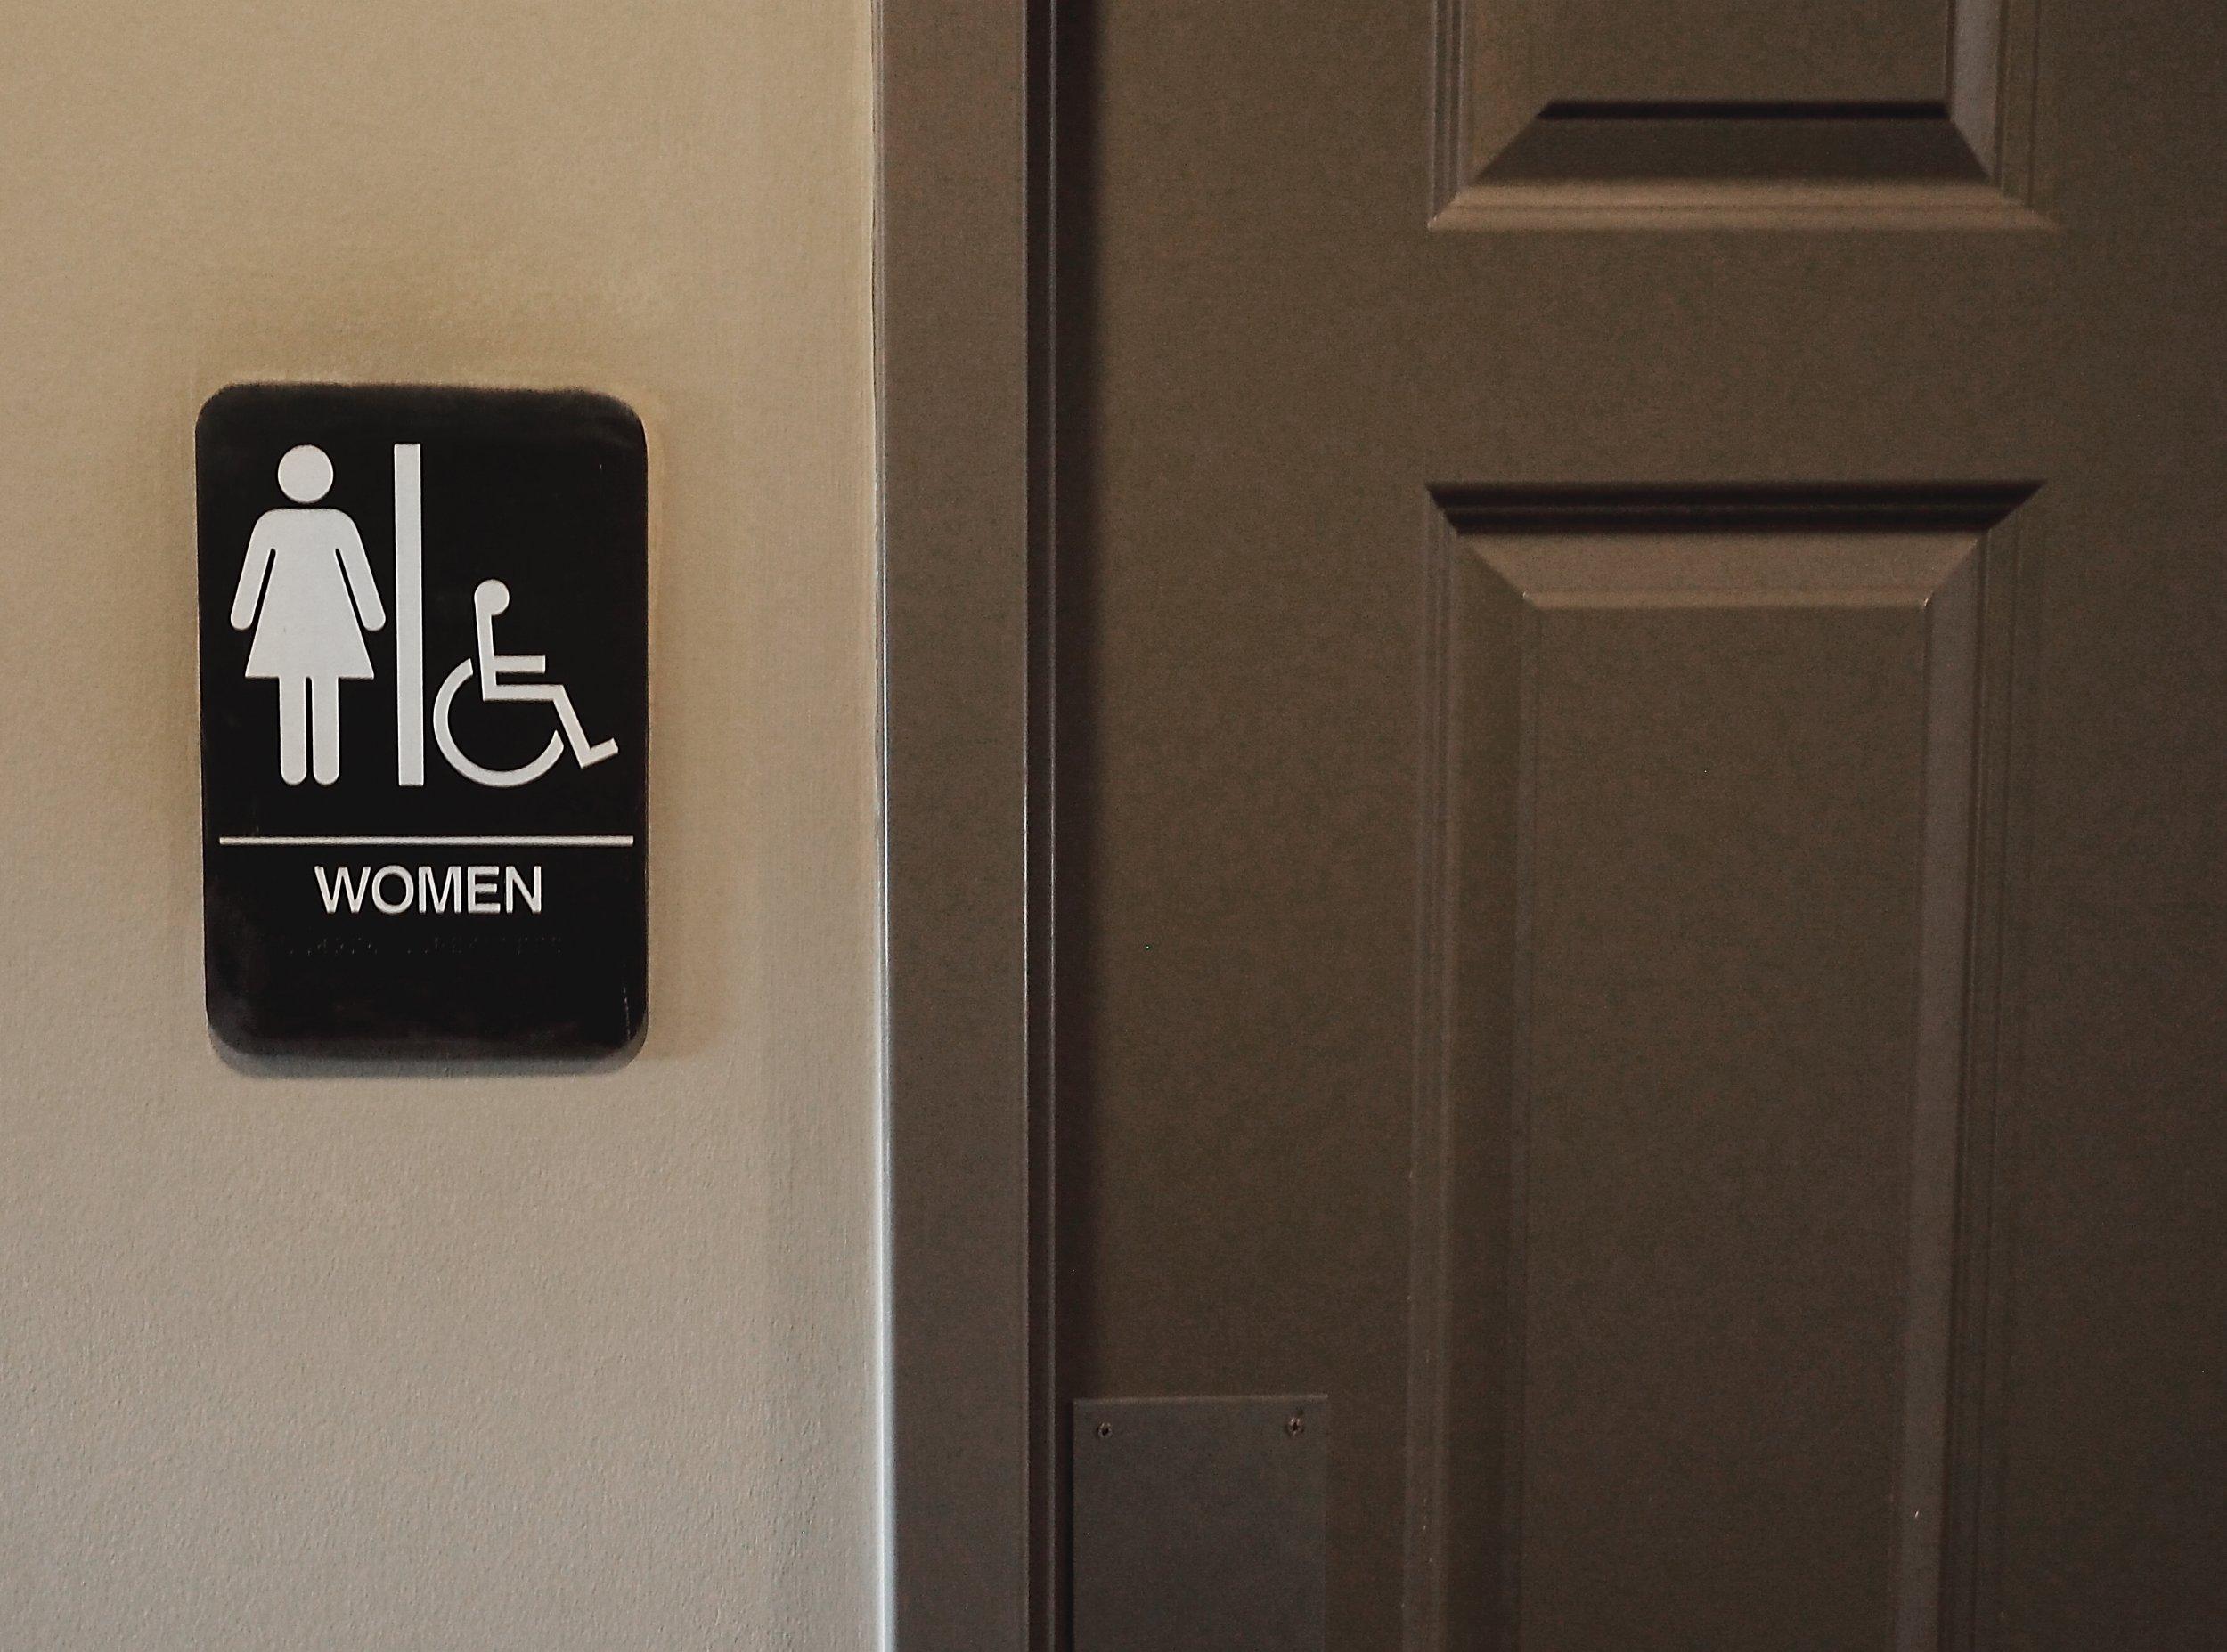 Virginia Transgender Student Denied Entry to Both Locker